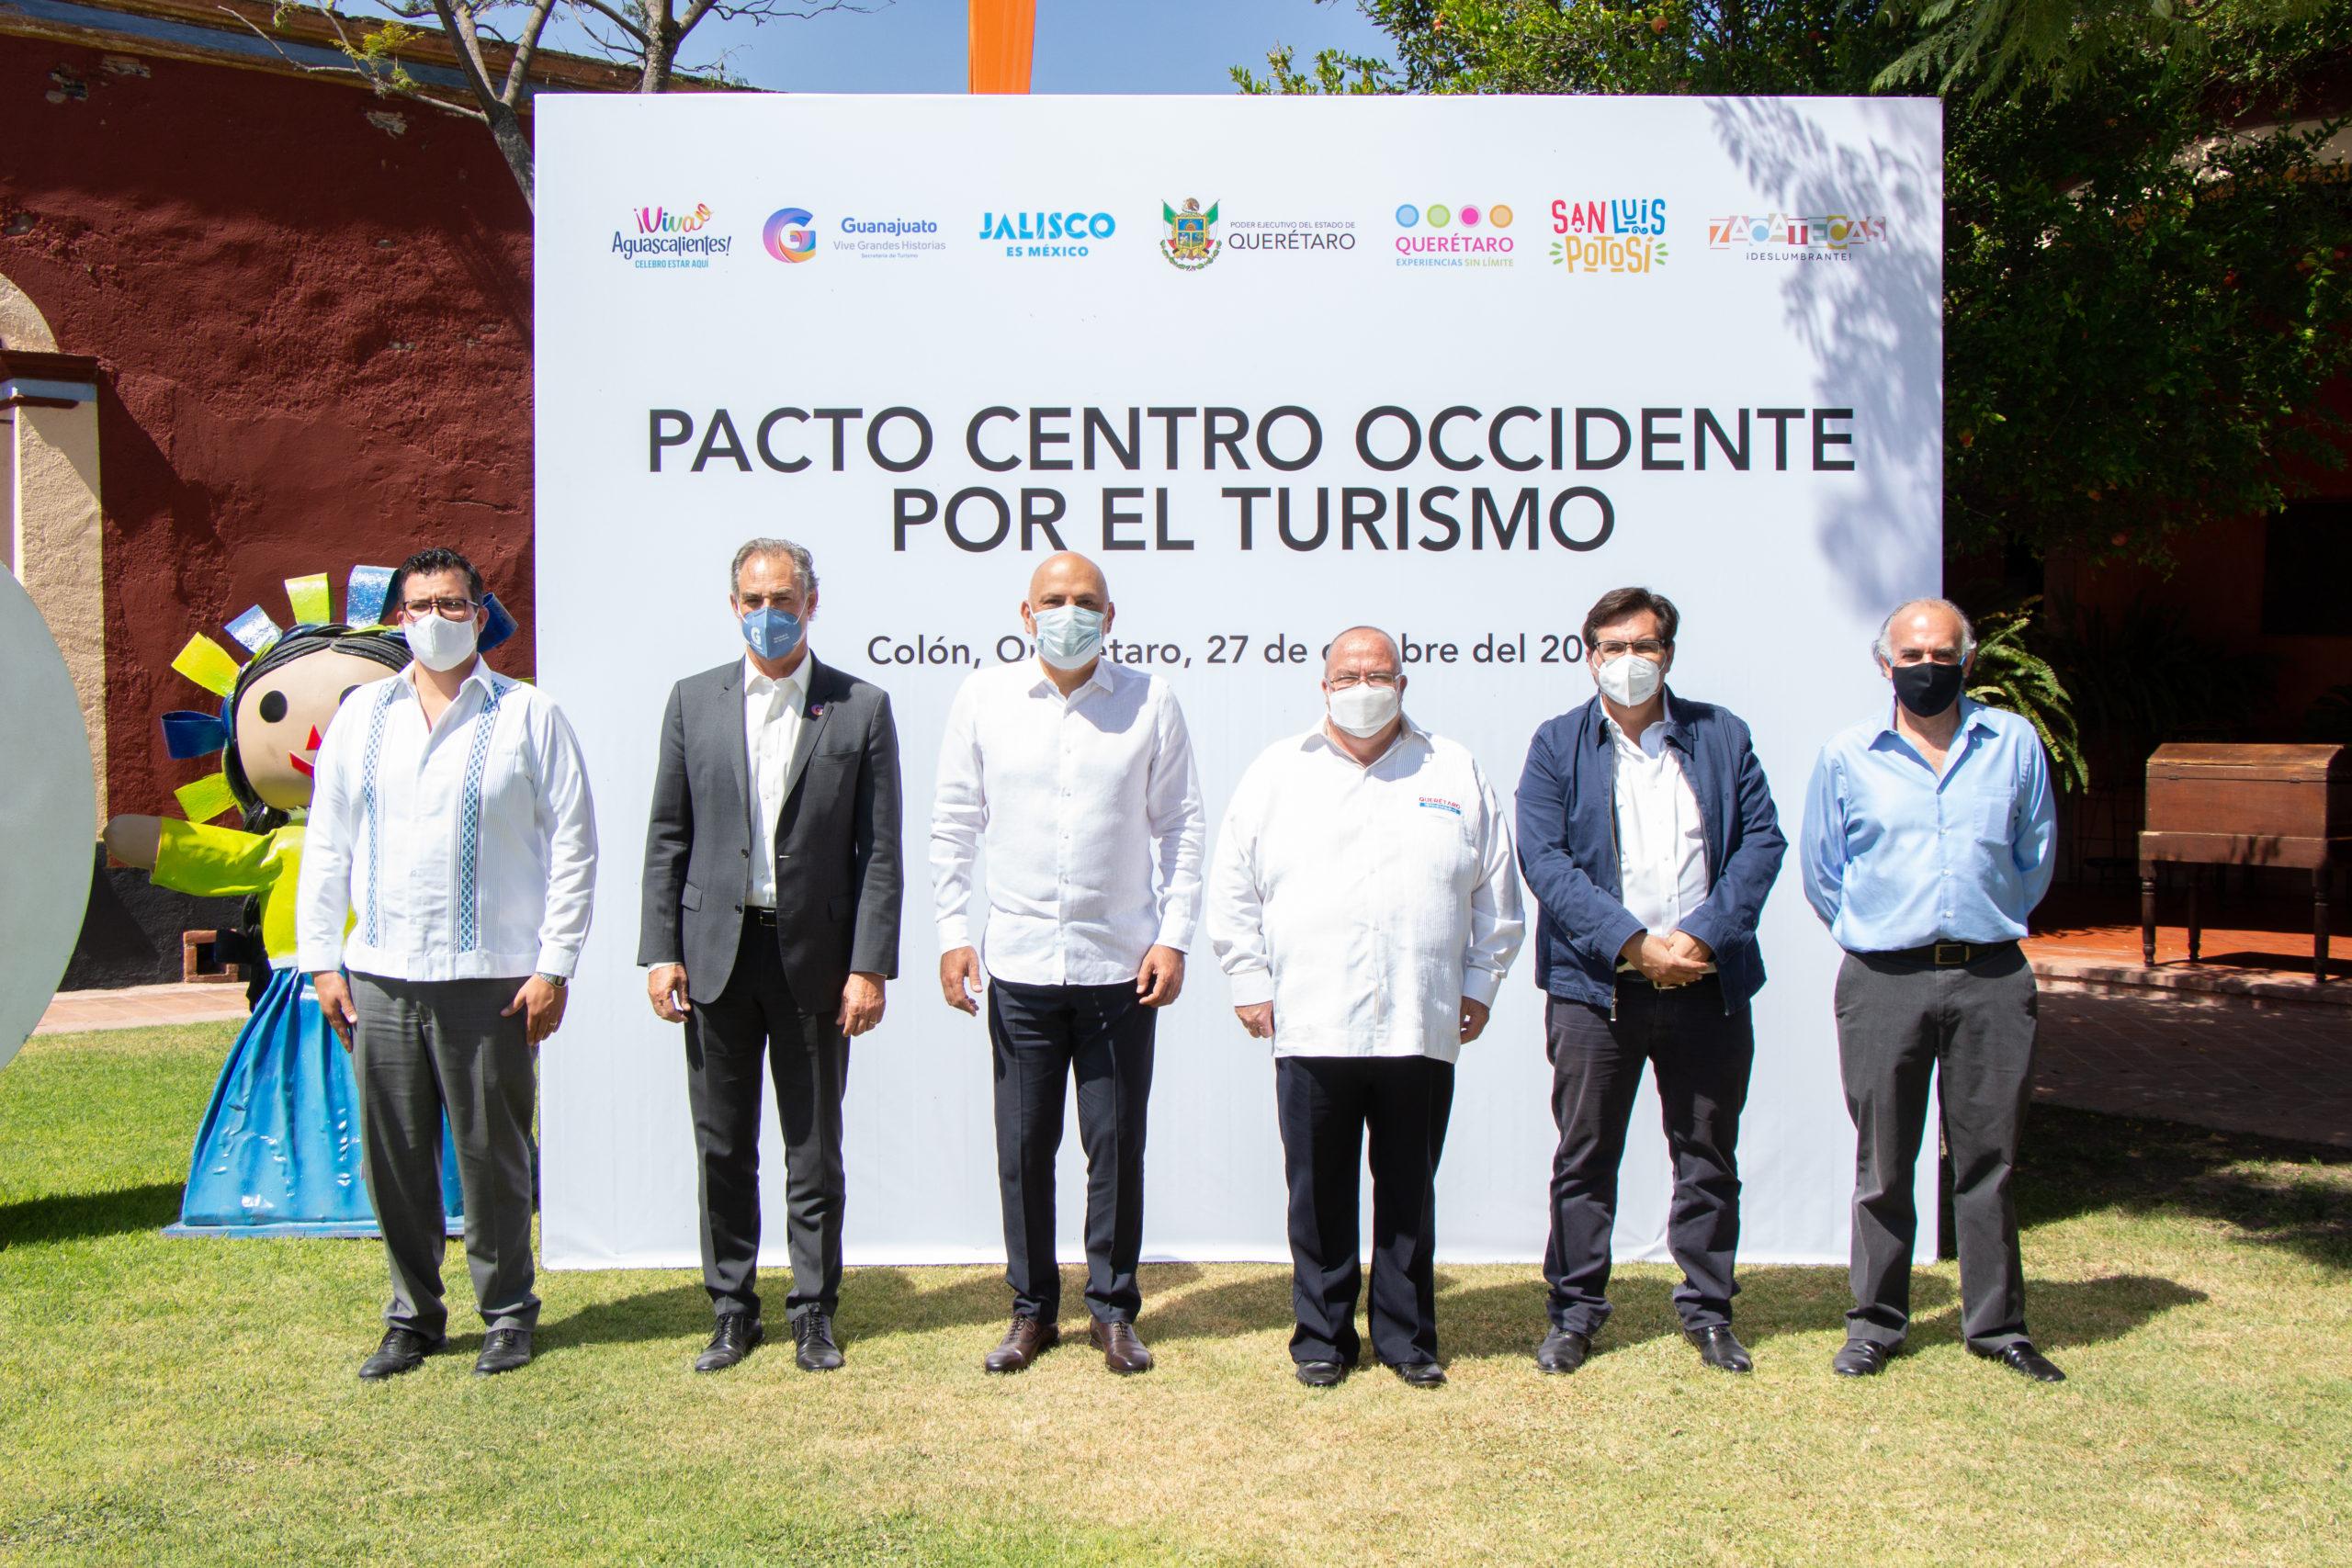 Turismo responsable estandarte del Pacto Centro Occidente